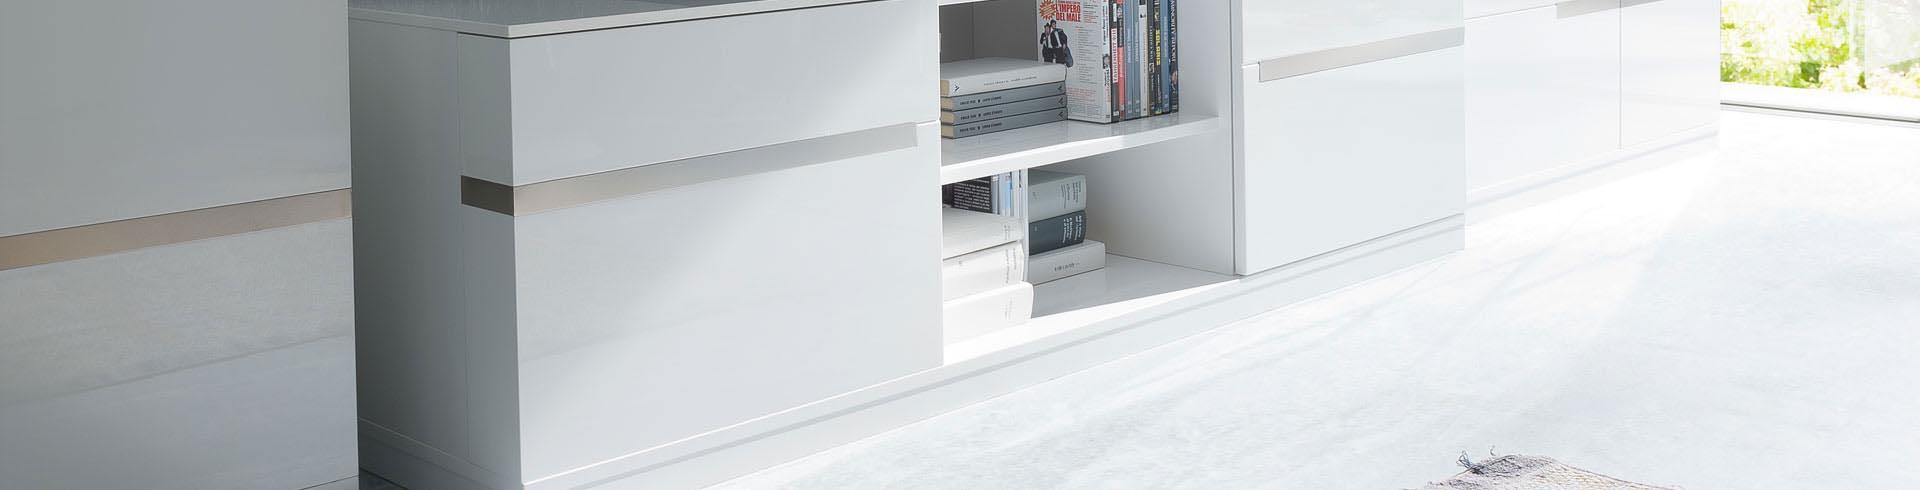 Mobili per dialux design casa creativa e mobili ispiratori for Mobili particolari per soggiorno